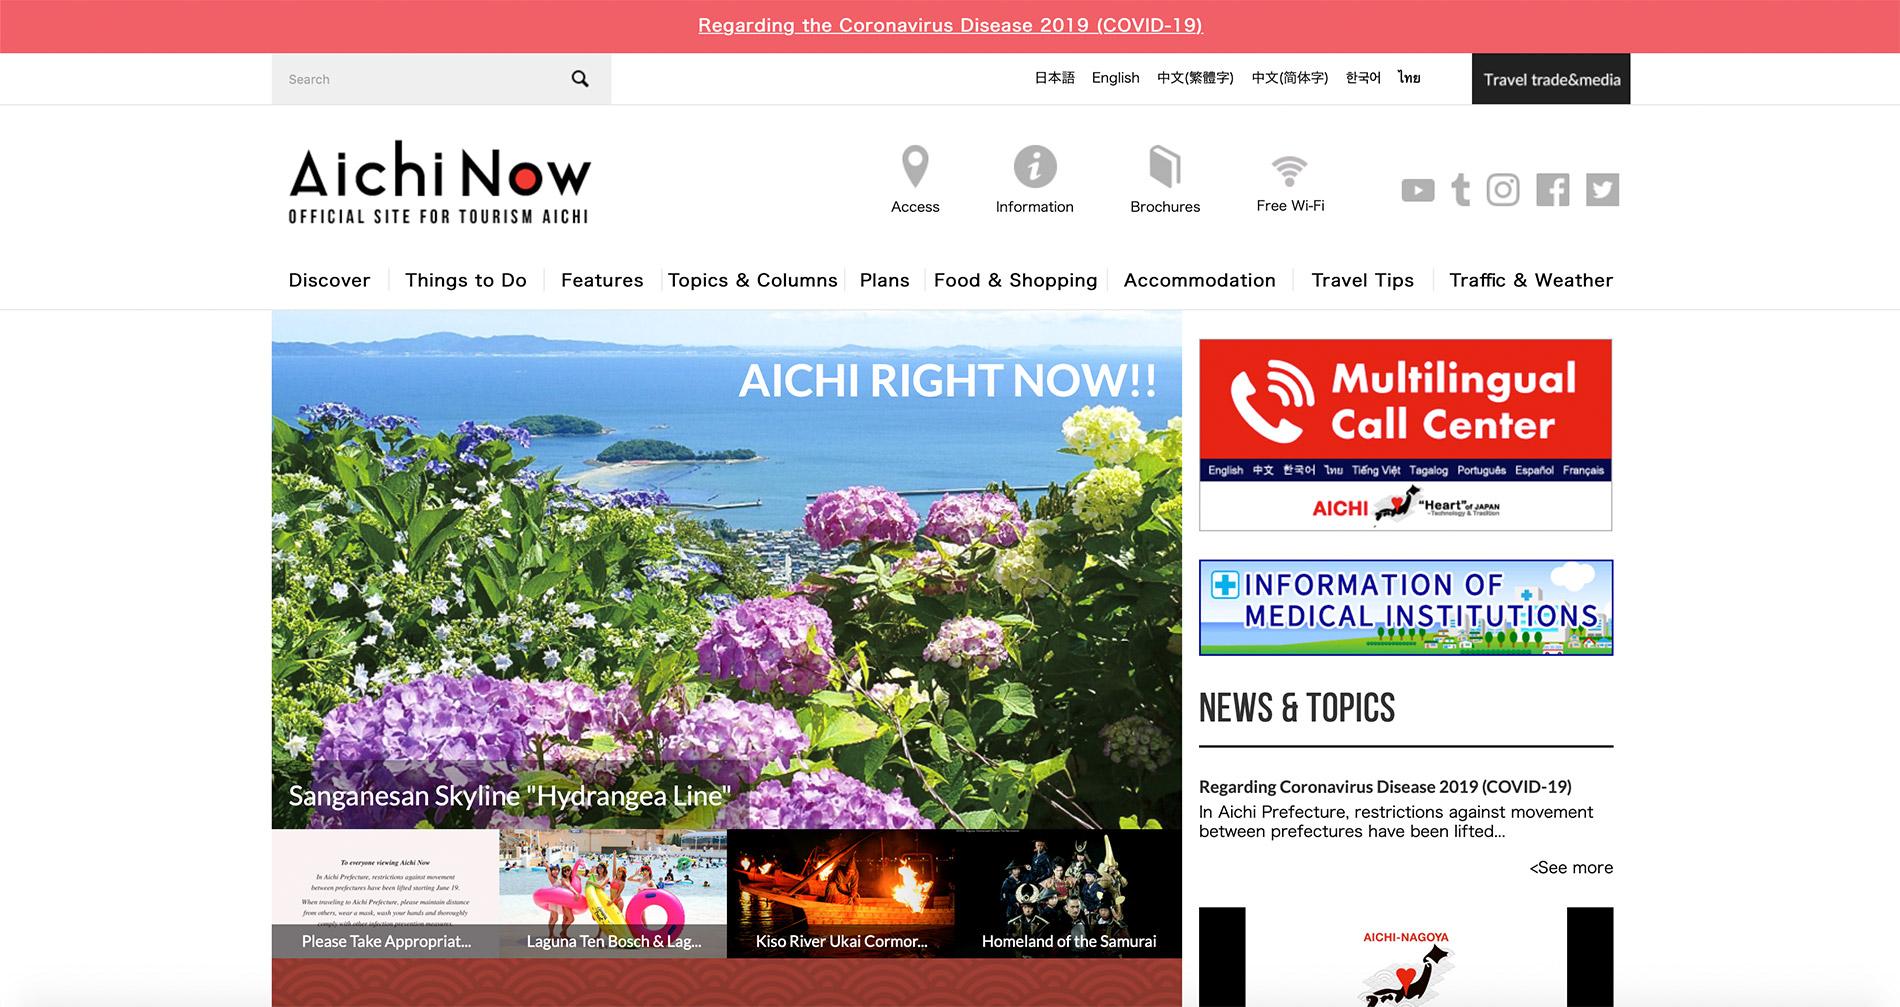 Die englische Webseite des Tourismusverbandes der Präfektur Aichi.